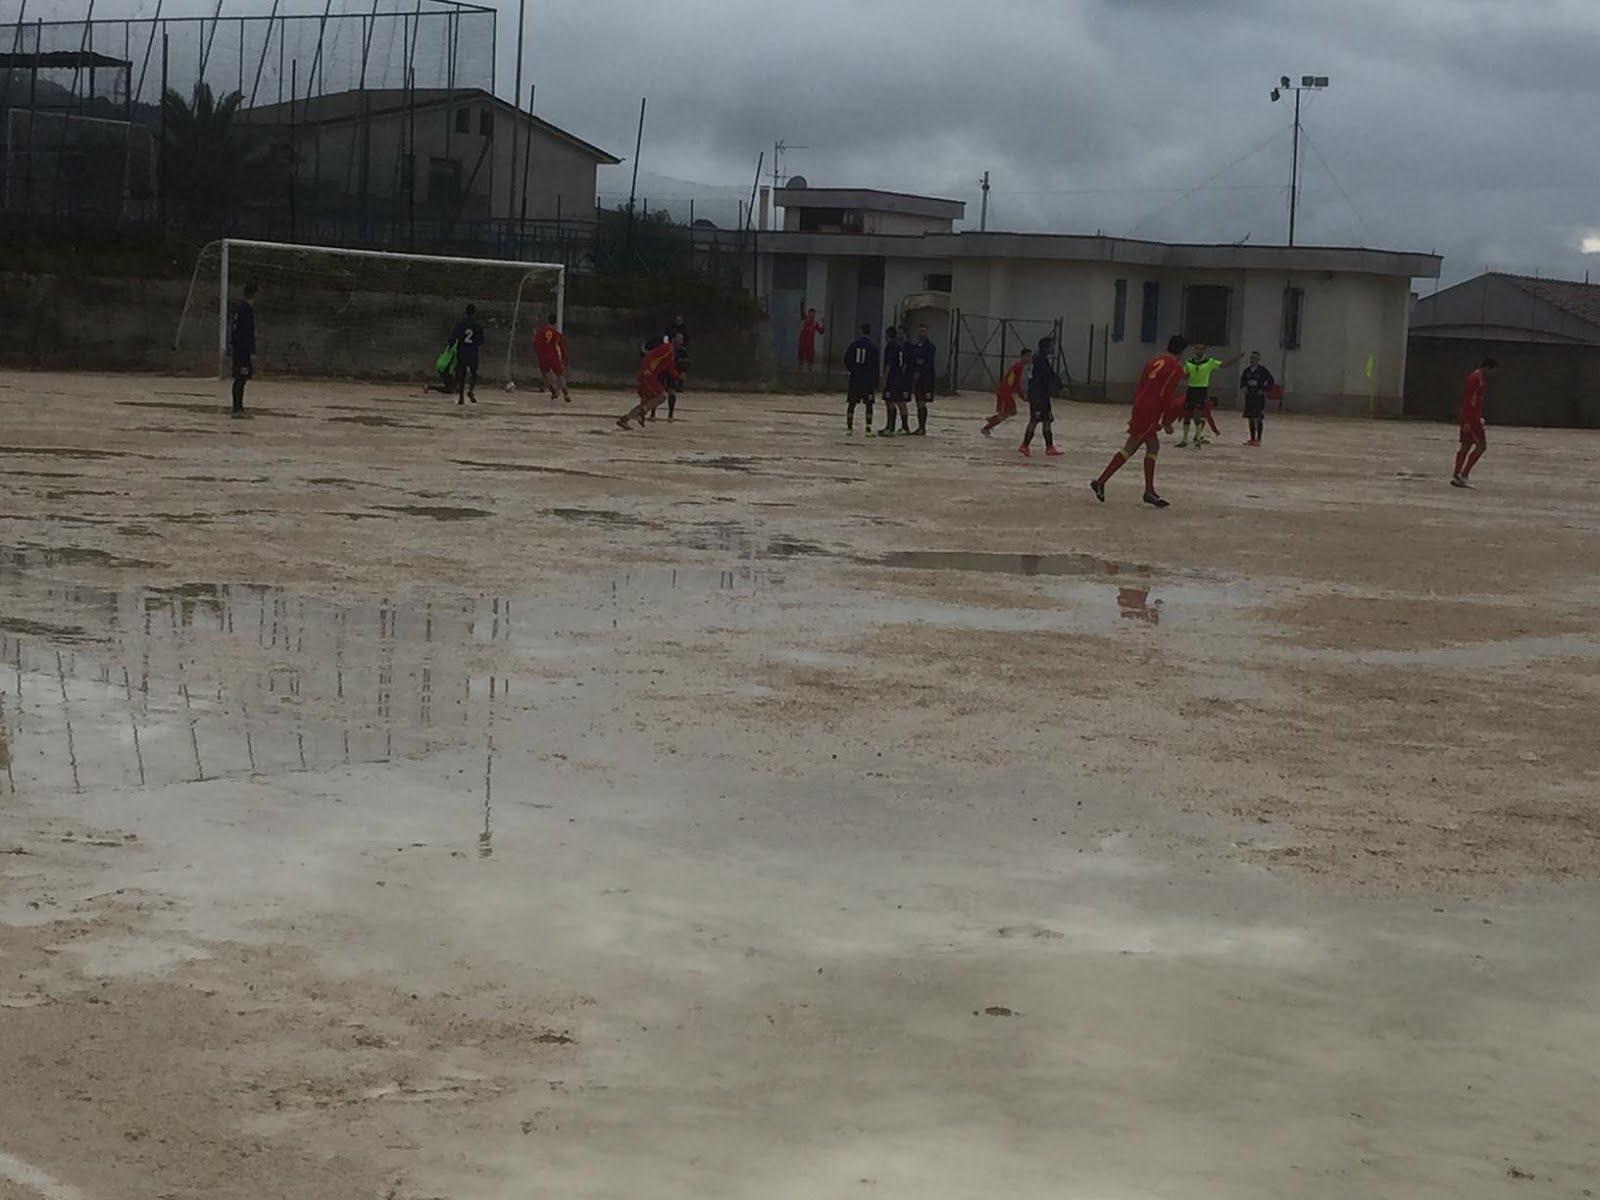 Calcio. Ingiusta sconfitta casalinga del Corleone contro il Bagheria